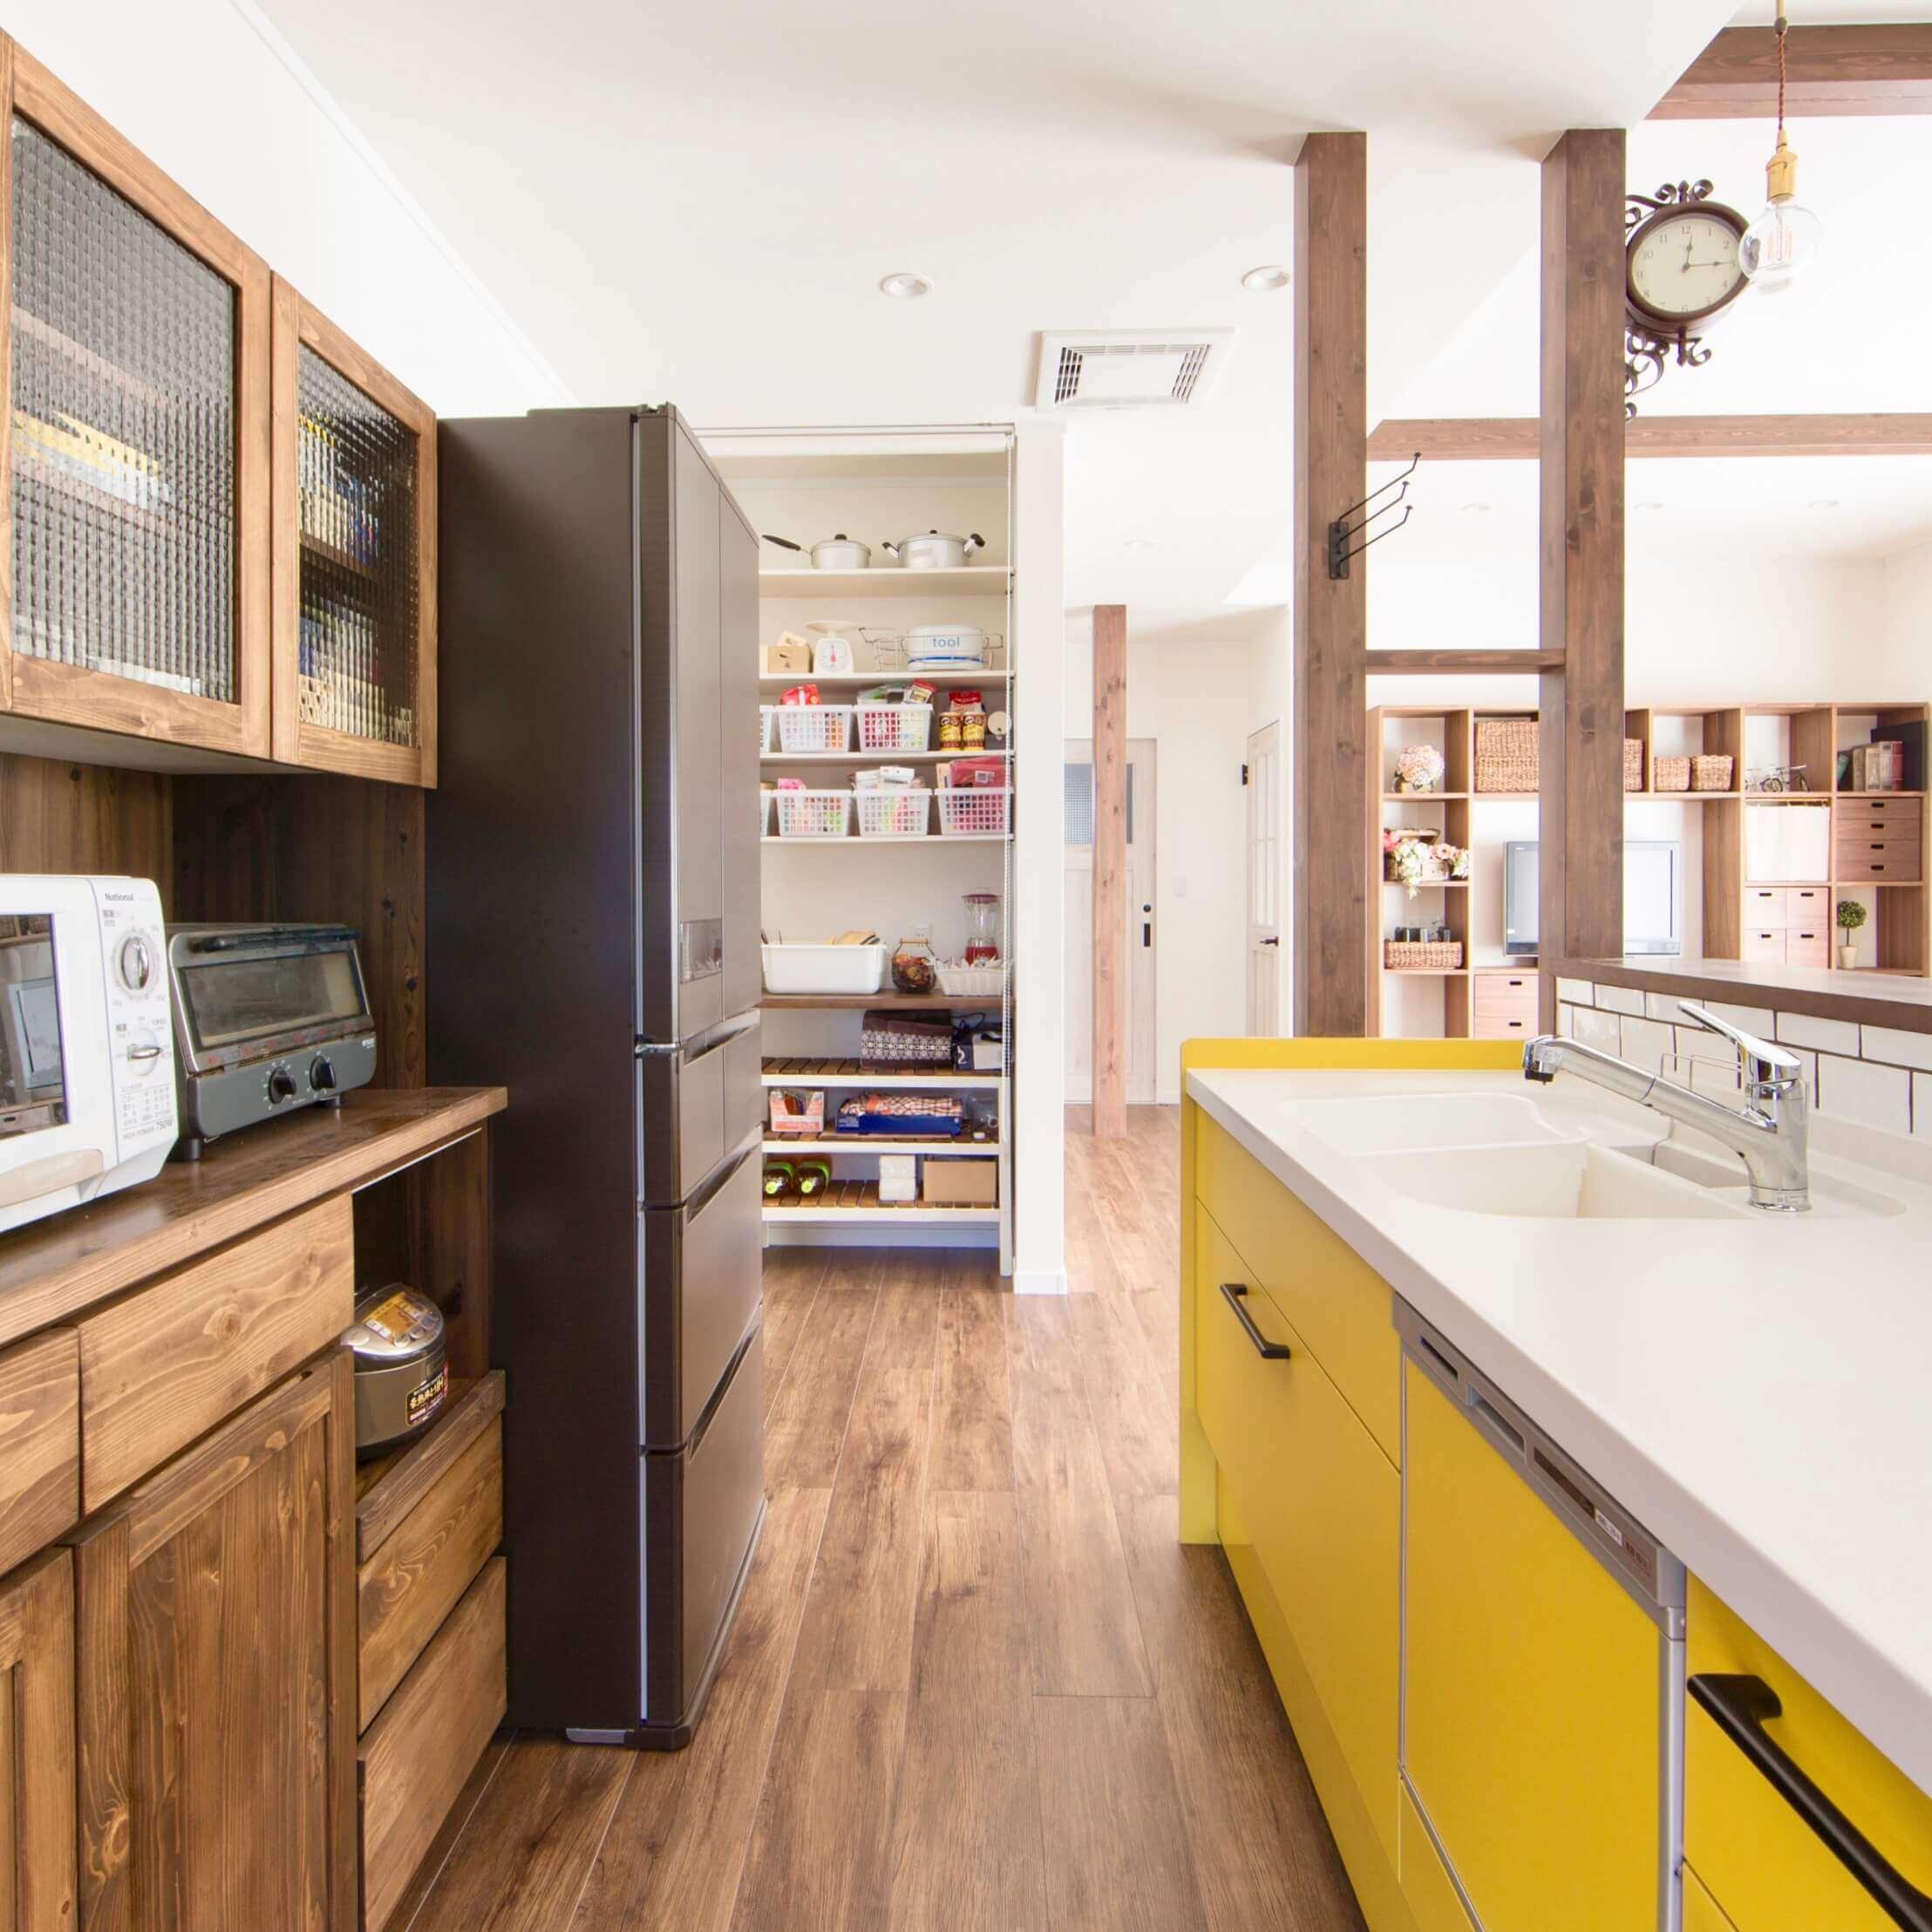 鹿沼市の注文住宅事例 キッチン